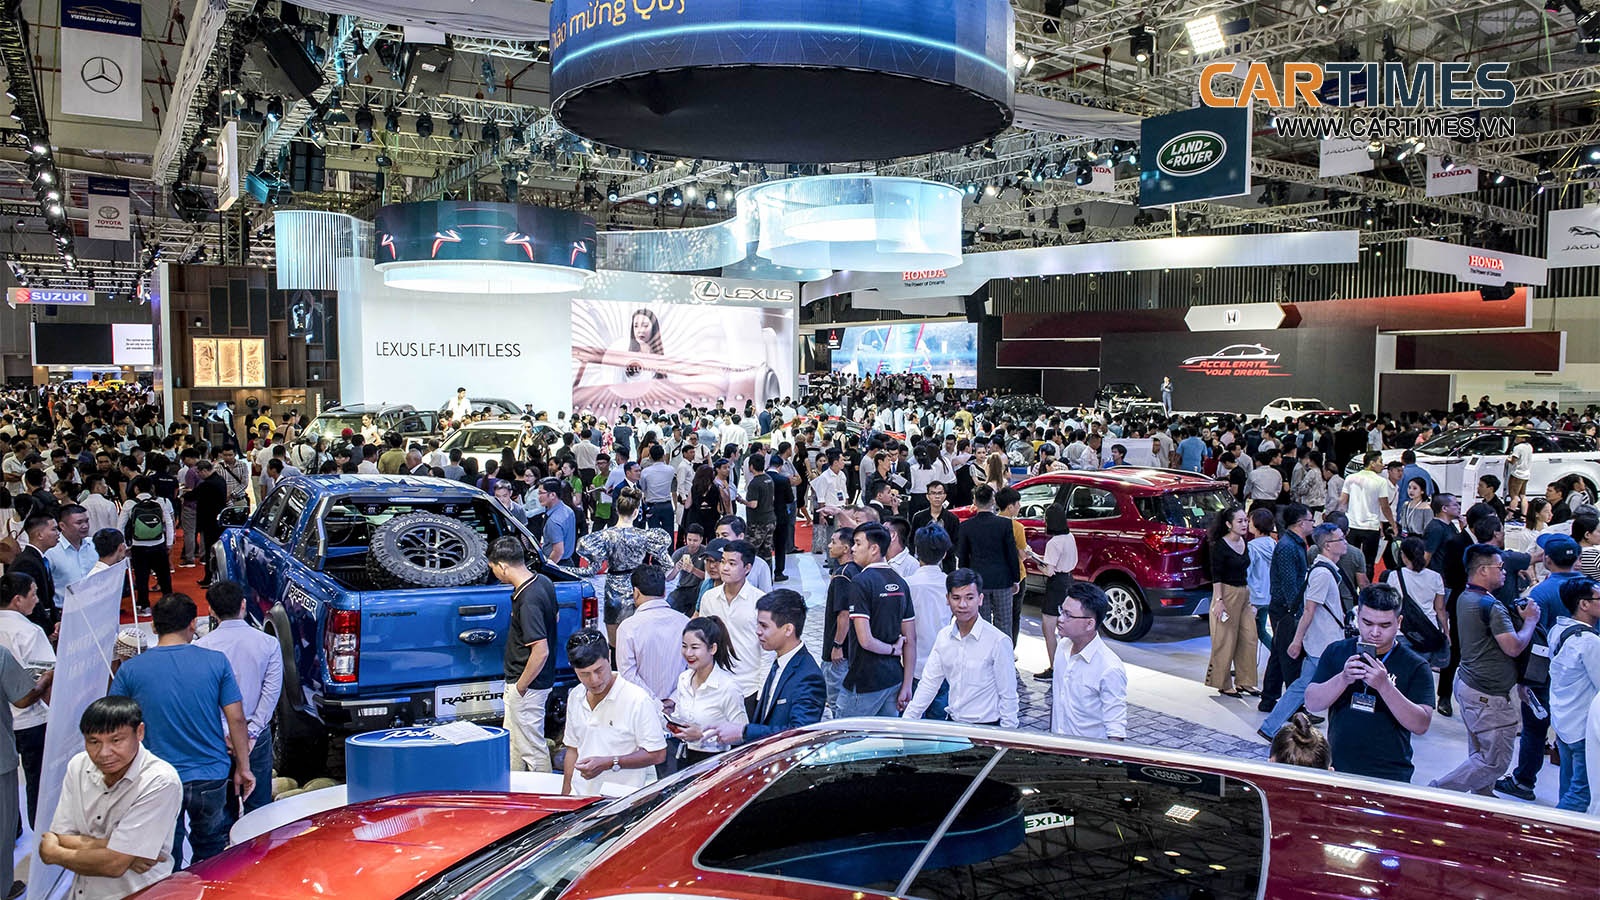 Những sự kiện nổi bật của thị trường ô tô Việt Nam trong năm 2020 -2